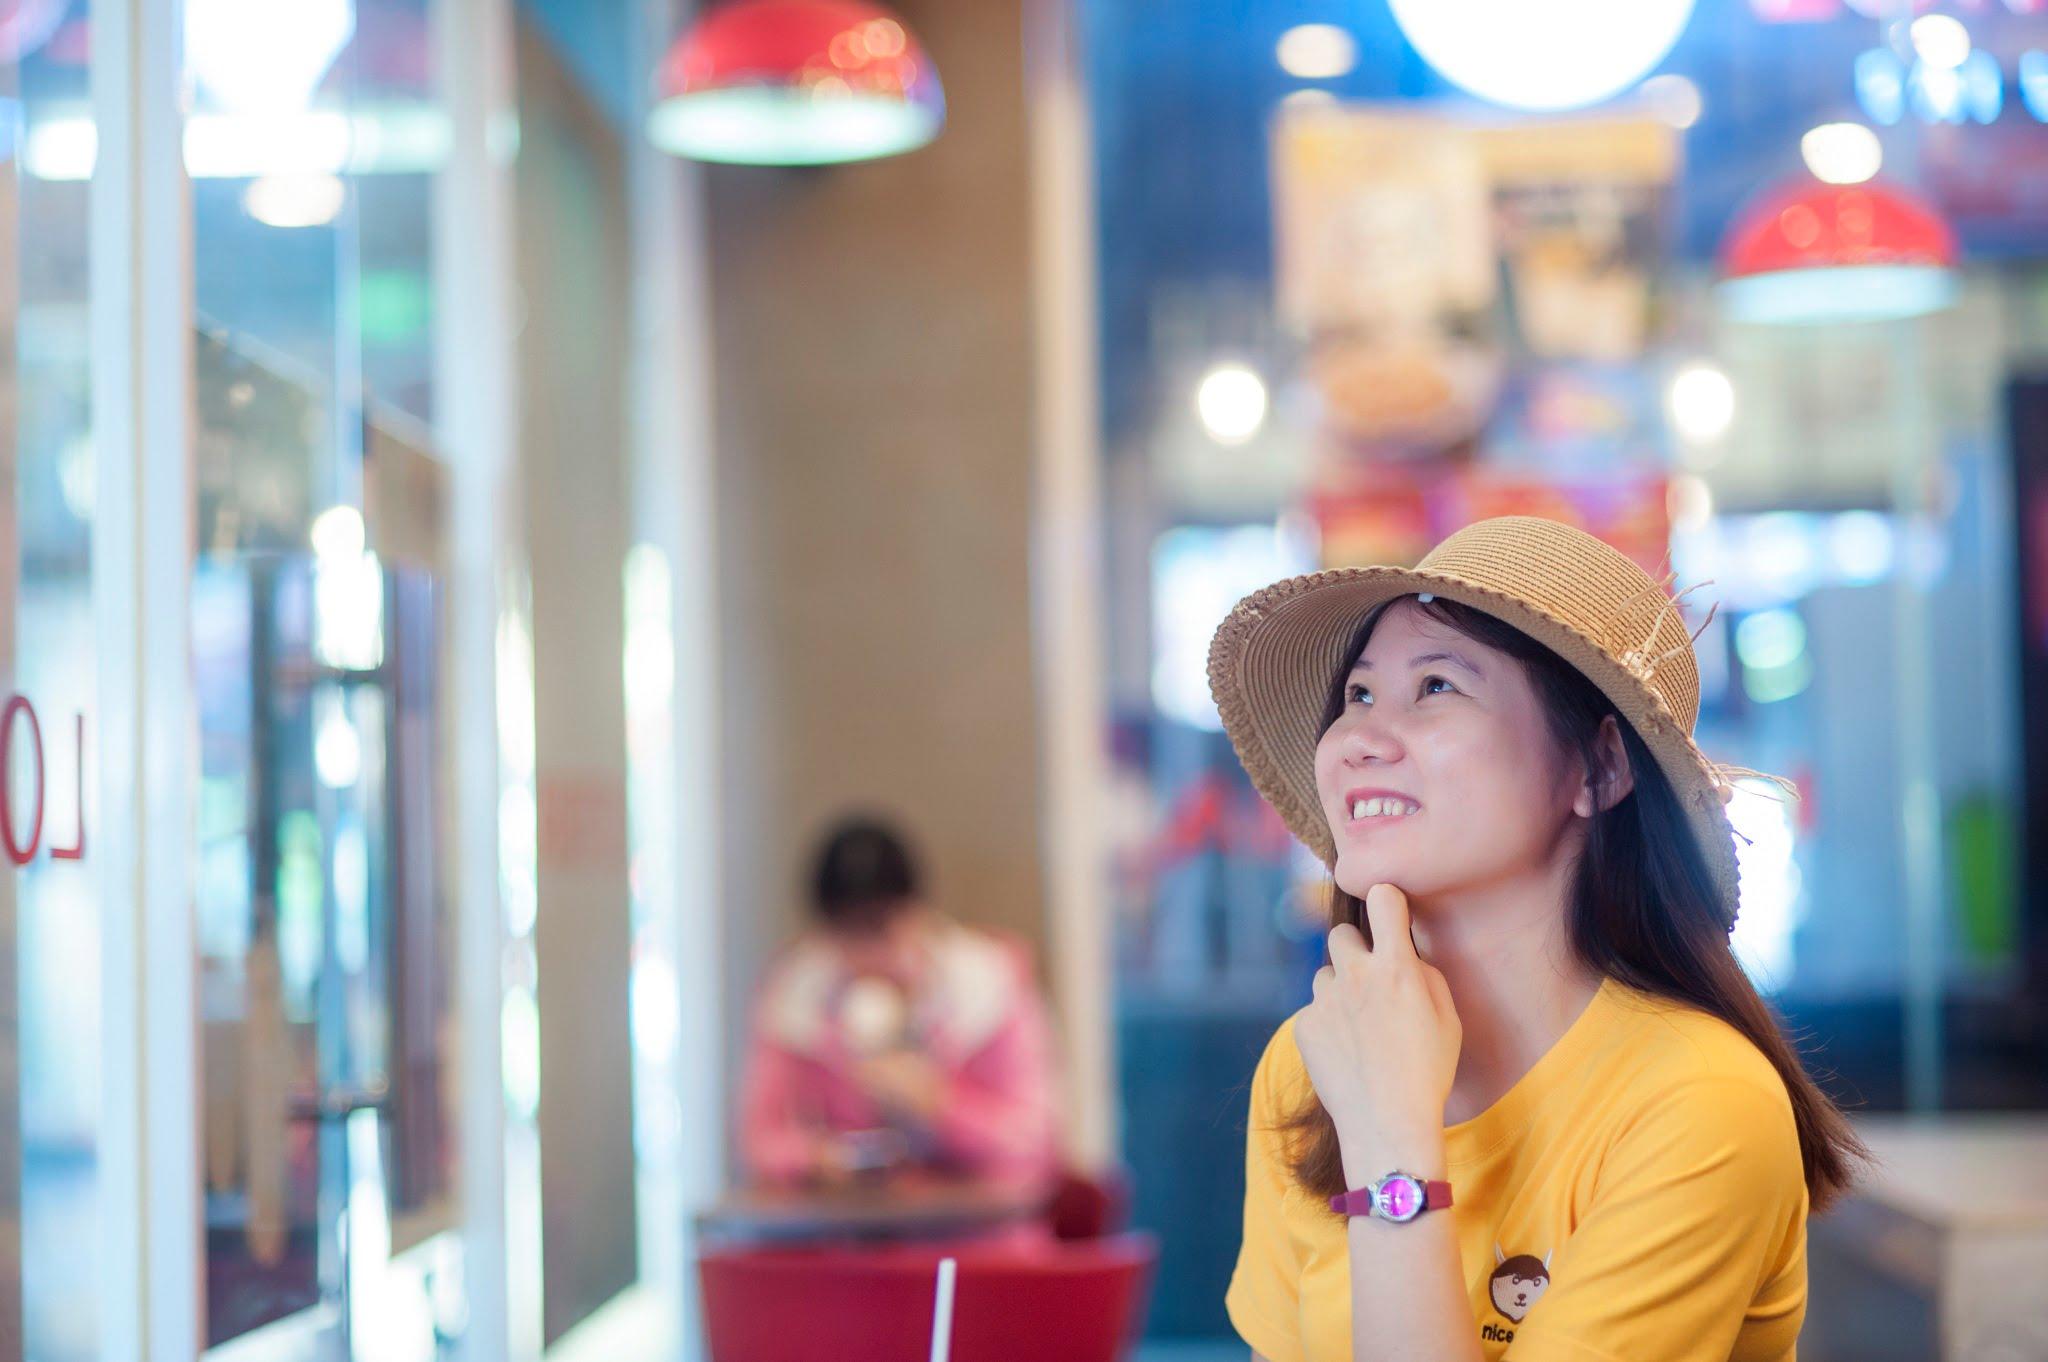 vui 4 - Một góc quán quen, Cafe bến xe miền đông - Vui Đoàn